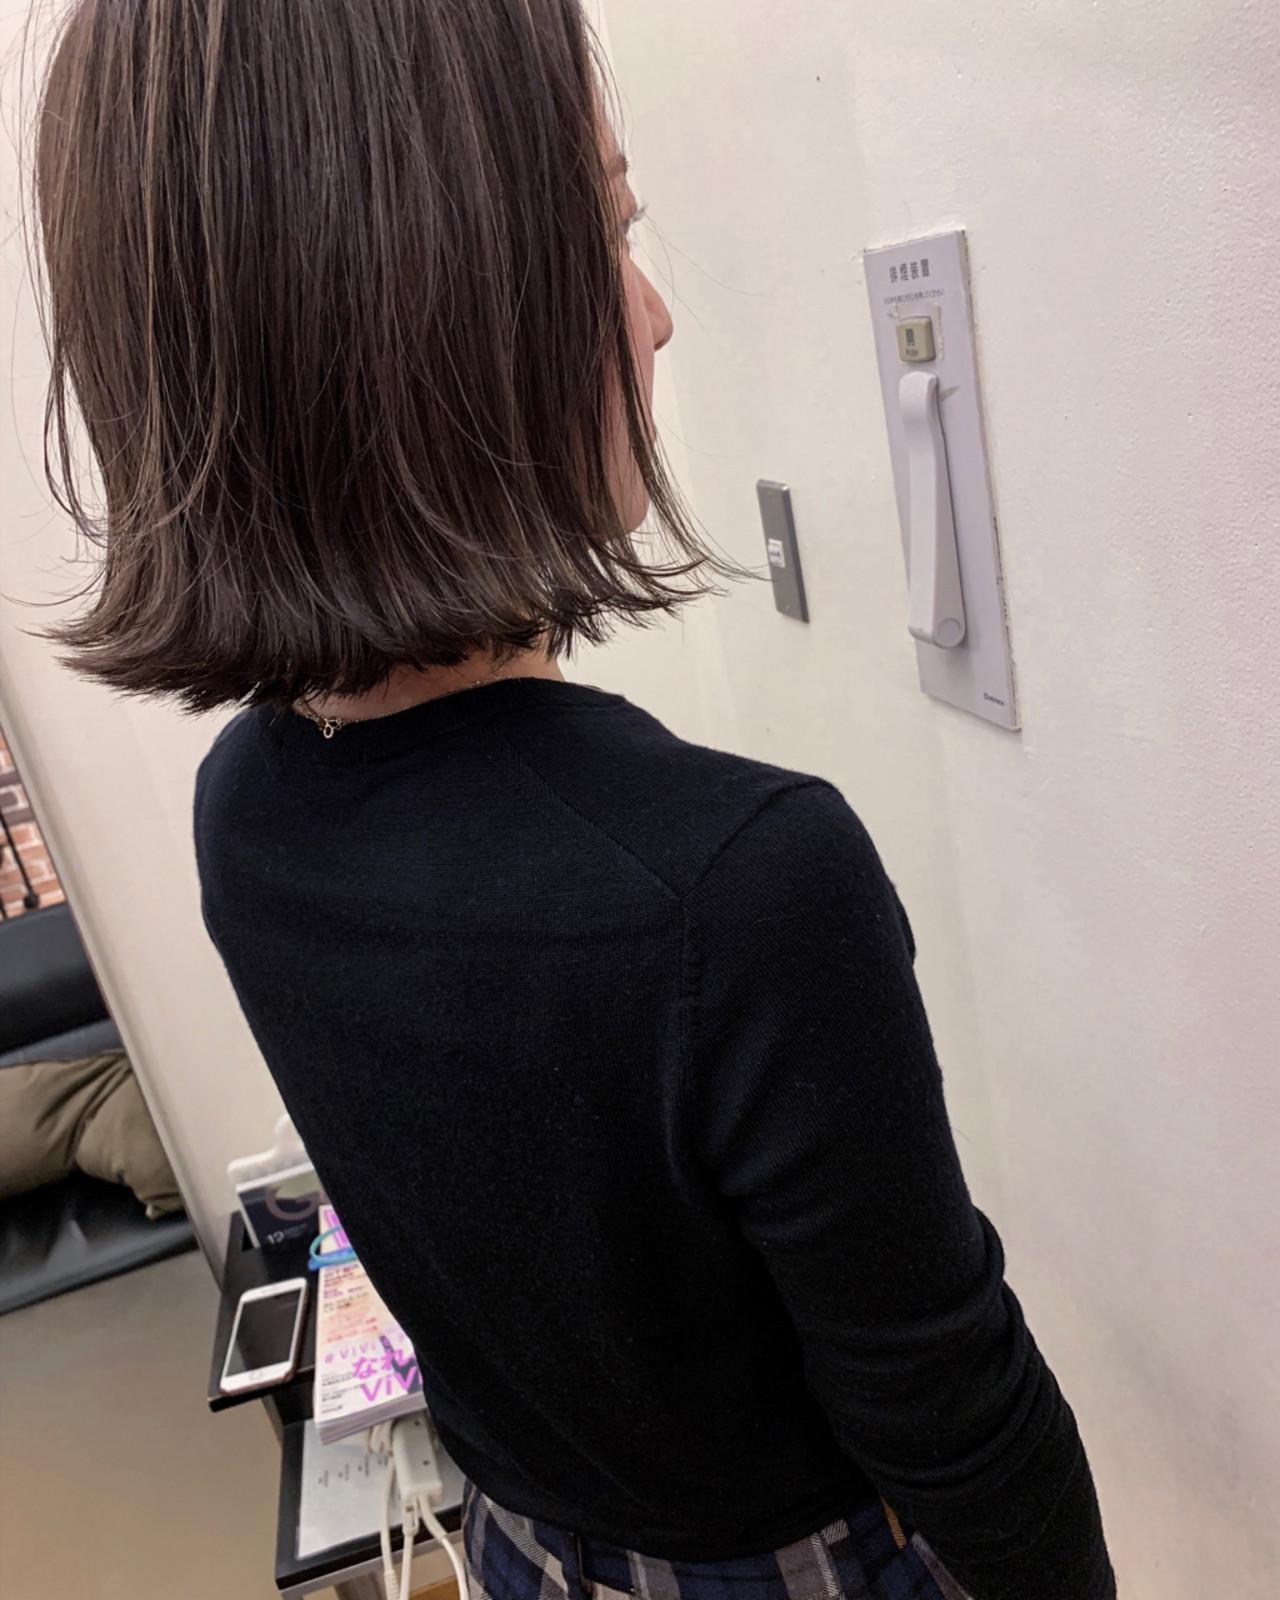 ボブ アンニュイほつれヘア デート 大人かわいい ヘアスタイルや髪型の写真・画像 | yumiko/sapporoSKNOW / SKNOW